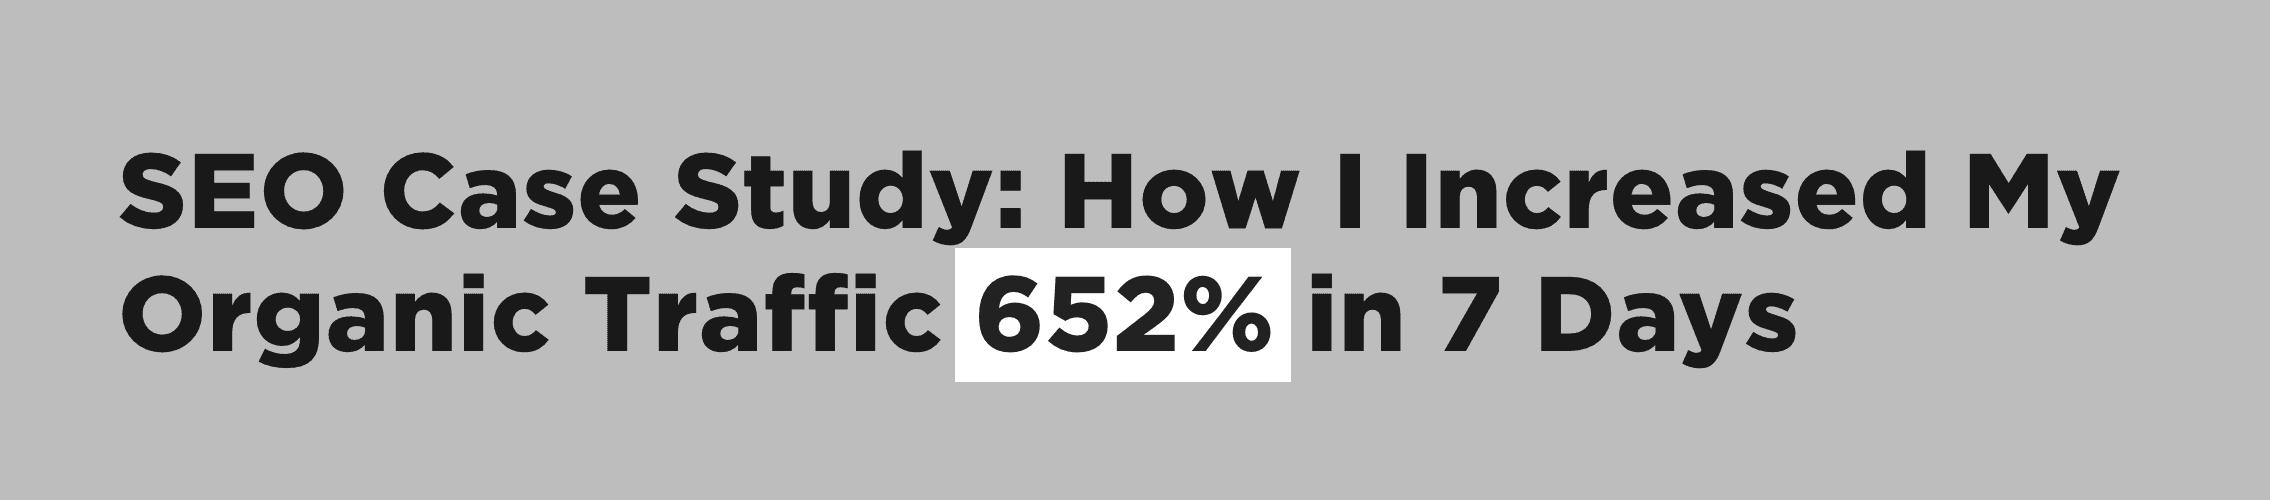 652 percent